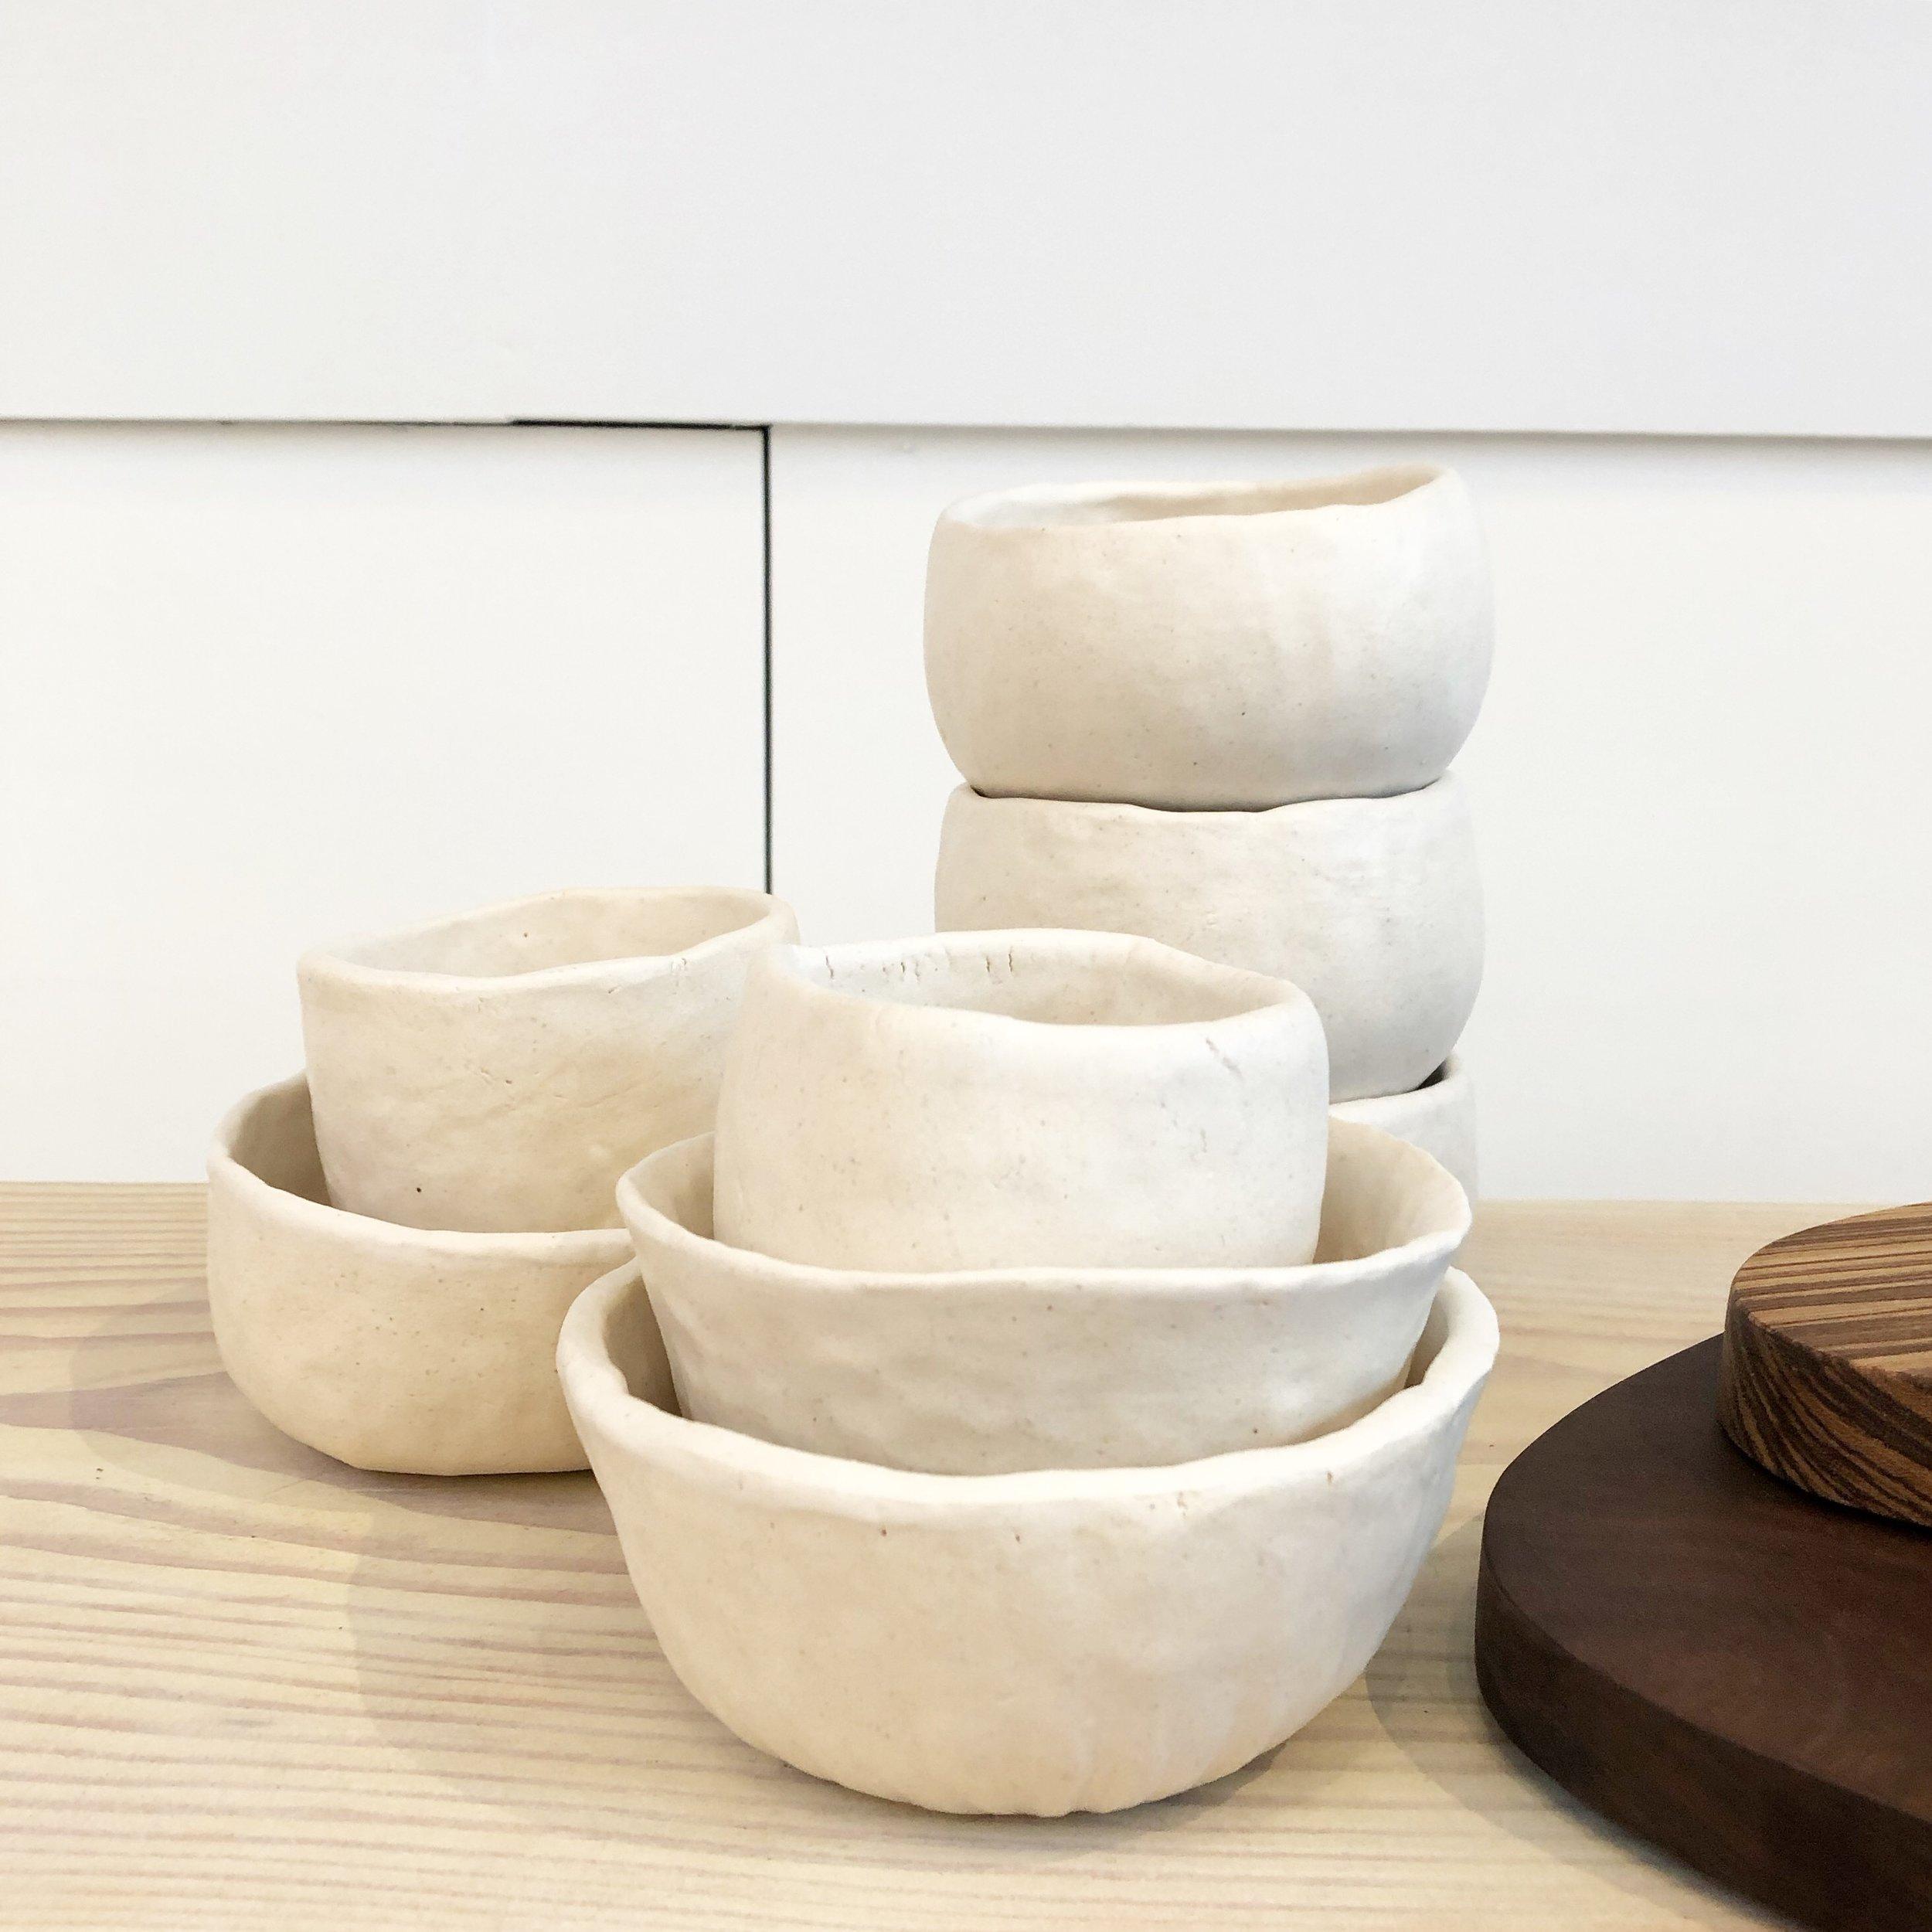 Students tea bowls